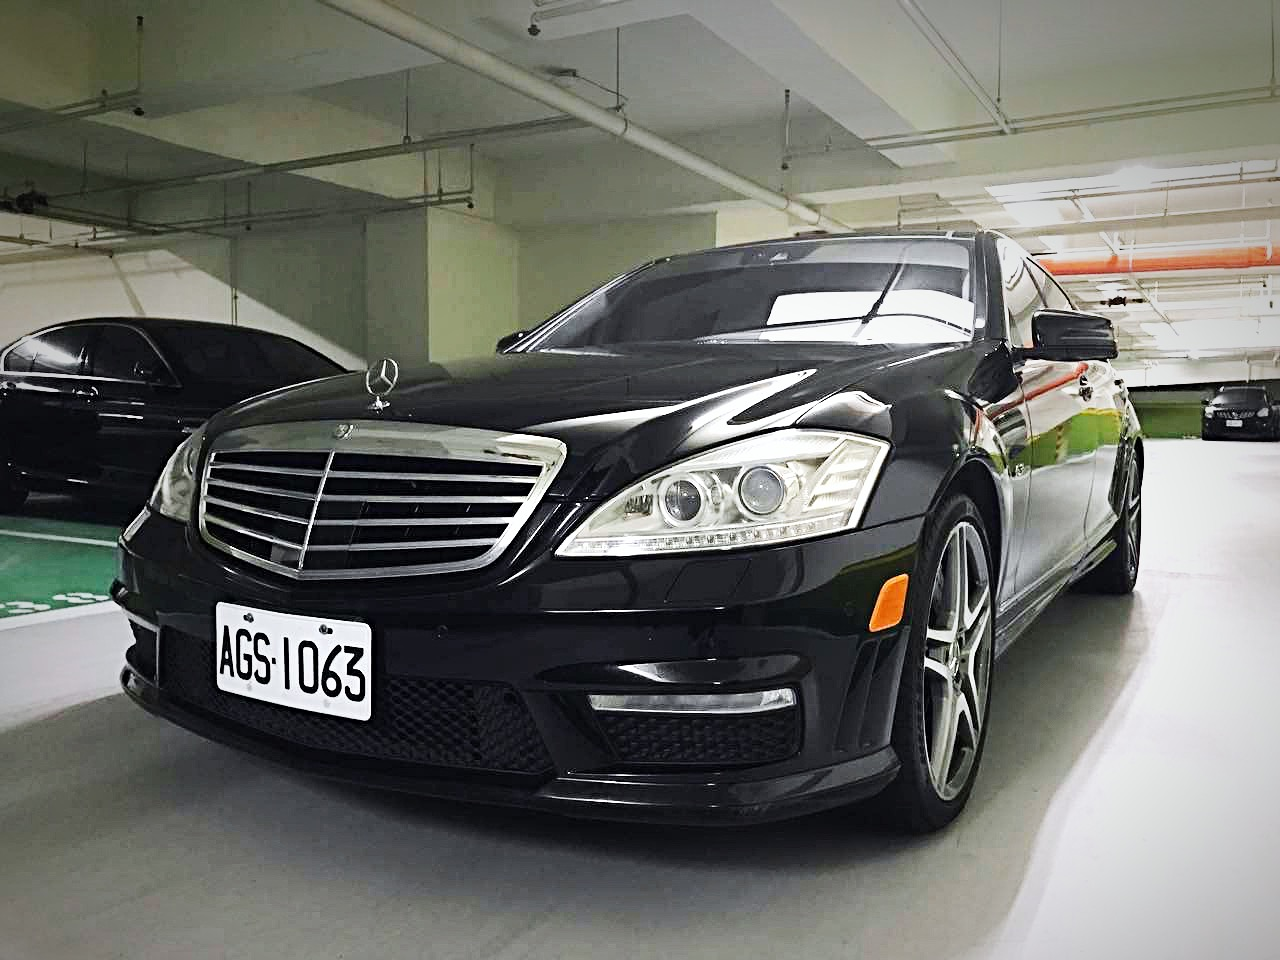 W221 S-Class